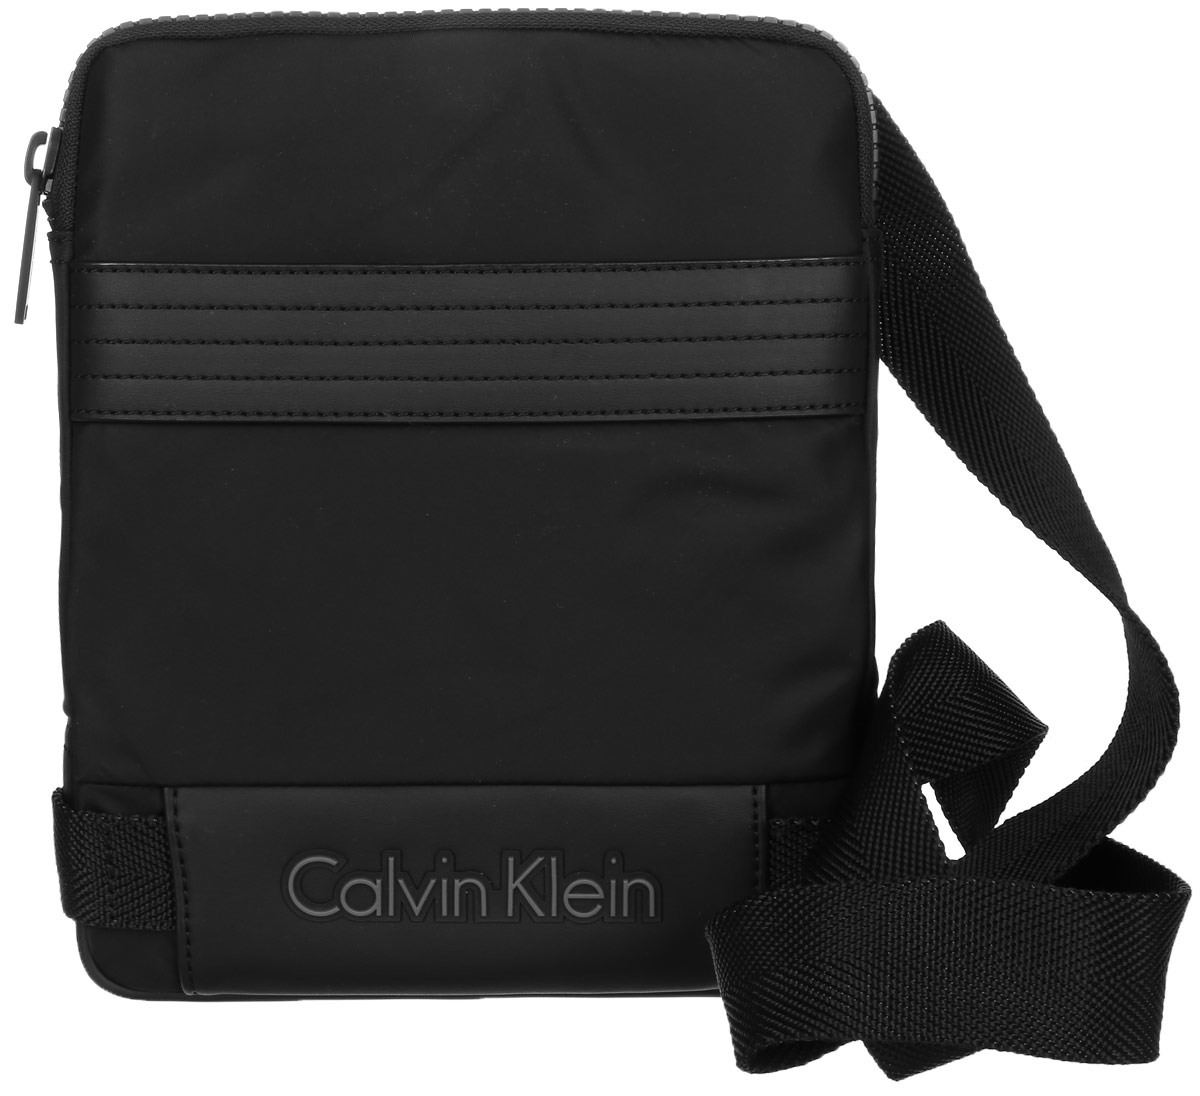 Сумка мужская Calvin Klein Jeans, цвет: черный. K50K502037_00110130-11Стильная сумка Calvin Klein Jeans выполнена из полиамида и нейлона. Изделие содержит одно большое отделение, которое закрывается на застежку-молнию. Внутри сумки размещены один кармашек на застежке-молнии и один накладной открытый. Спереди сумка так же дополнена открытым накладным карманом. Сумка оснащена плечевым ремнем регулируемой длины. Оформлена модель надписью с названием бренда. В комплекте с изделием поставляется чехол для хранения.